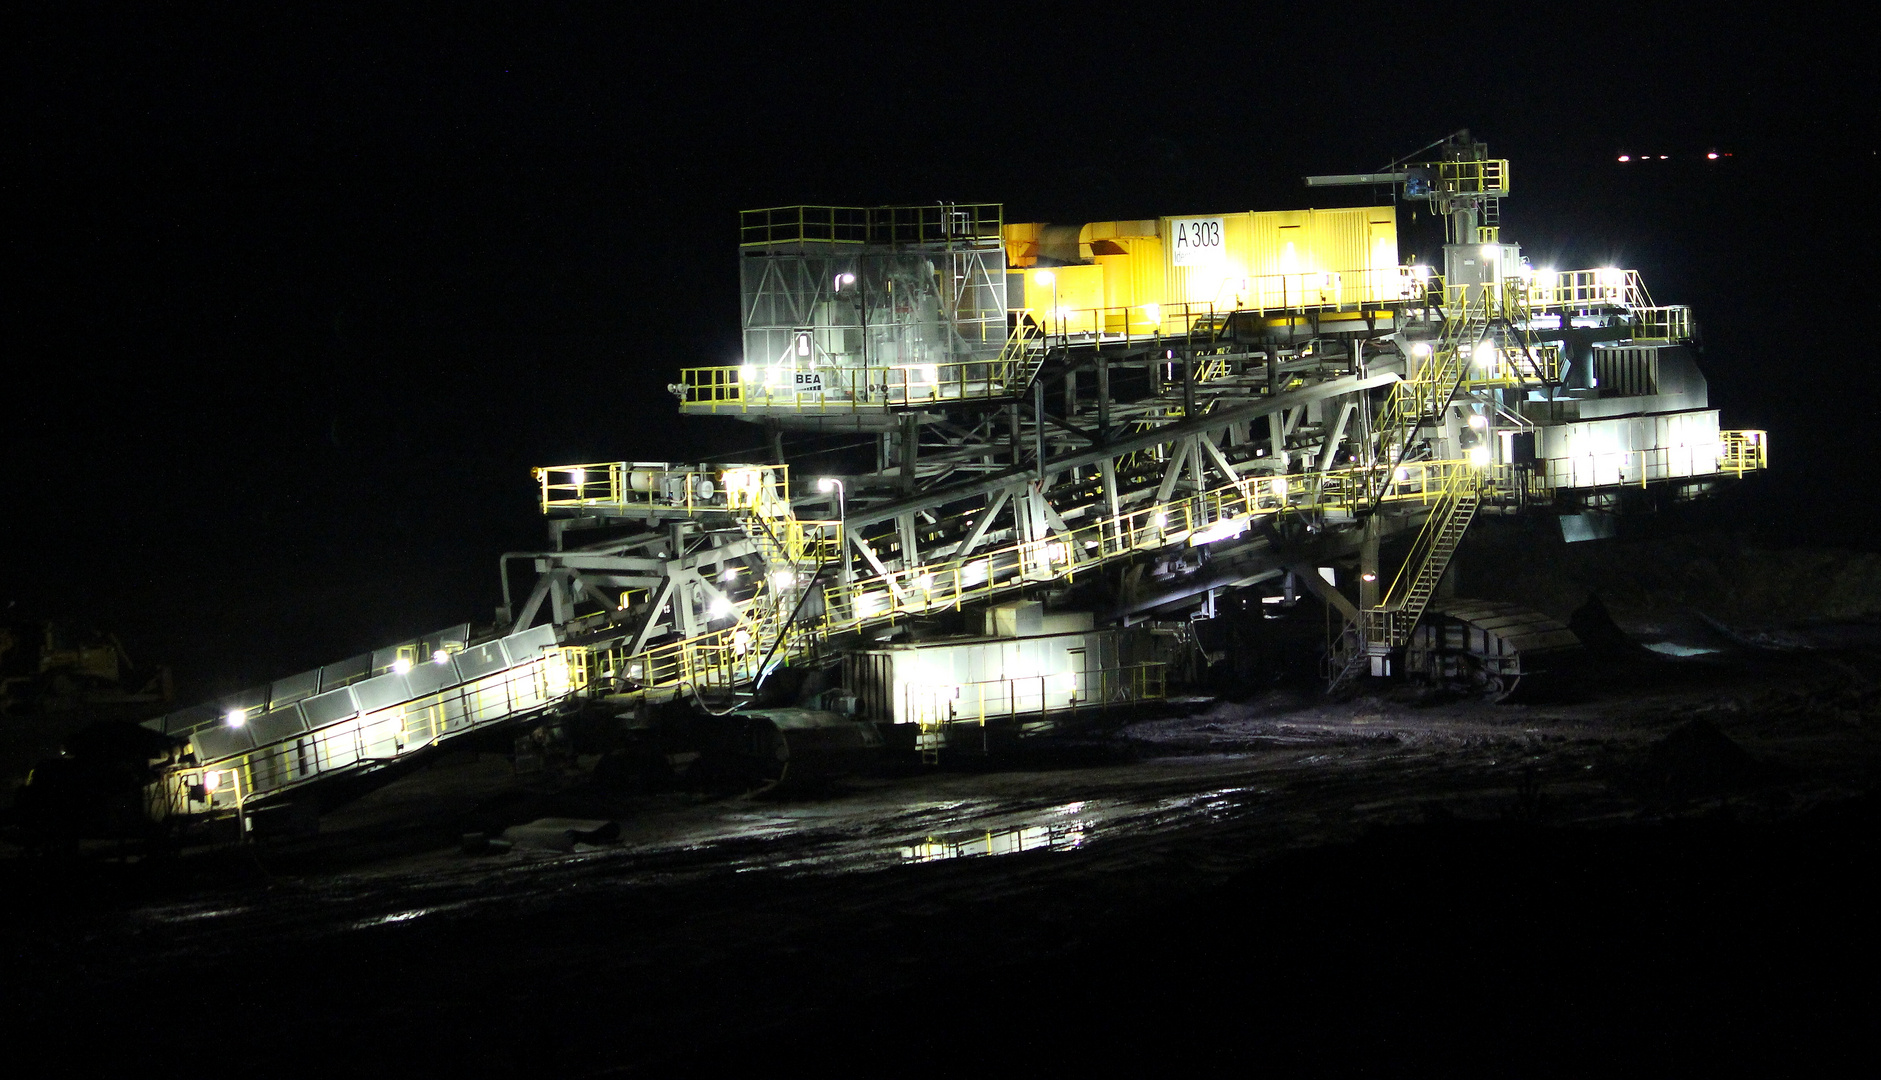 Tagebau Welzow A 303